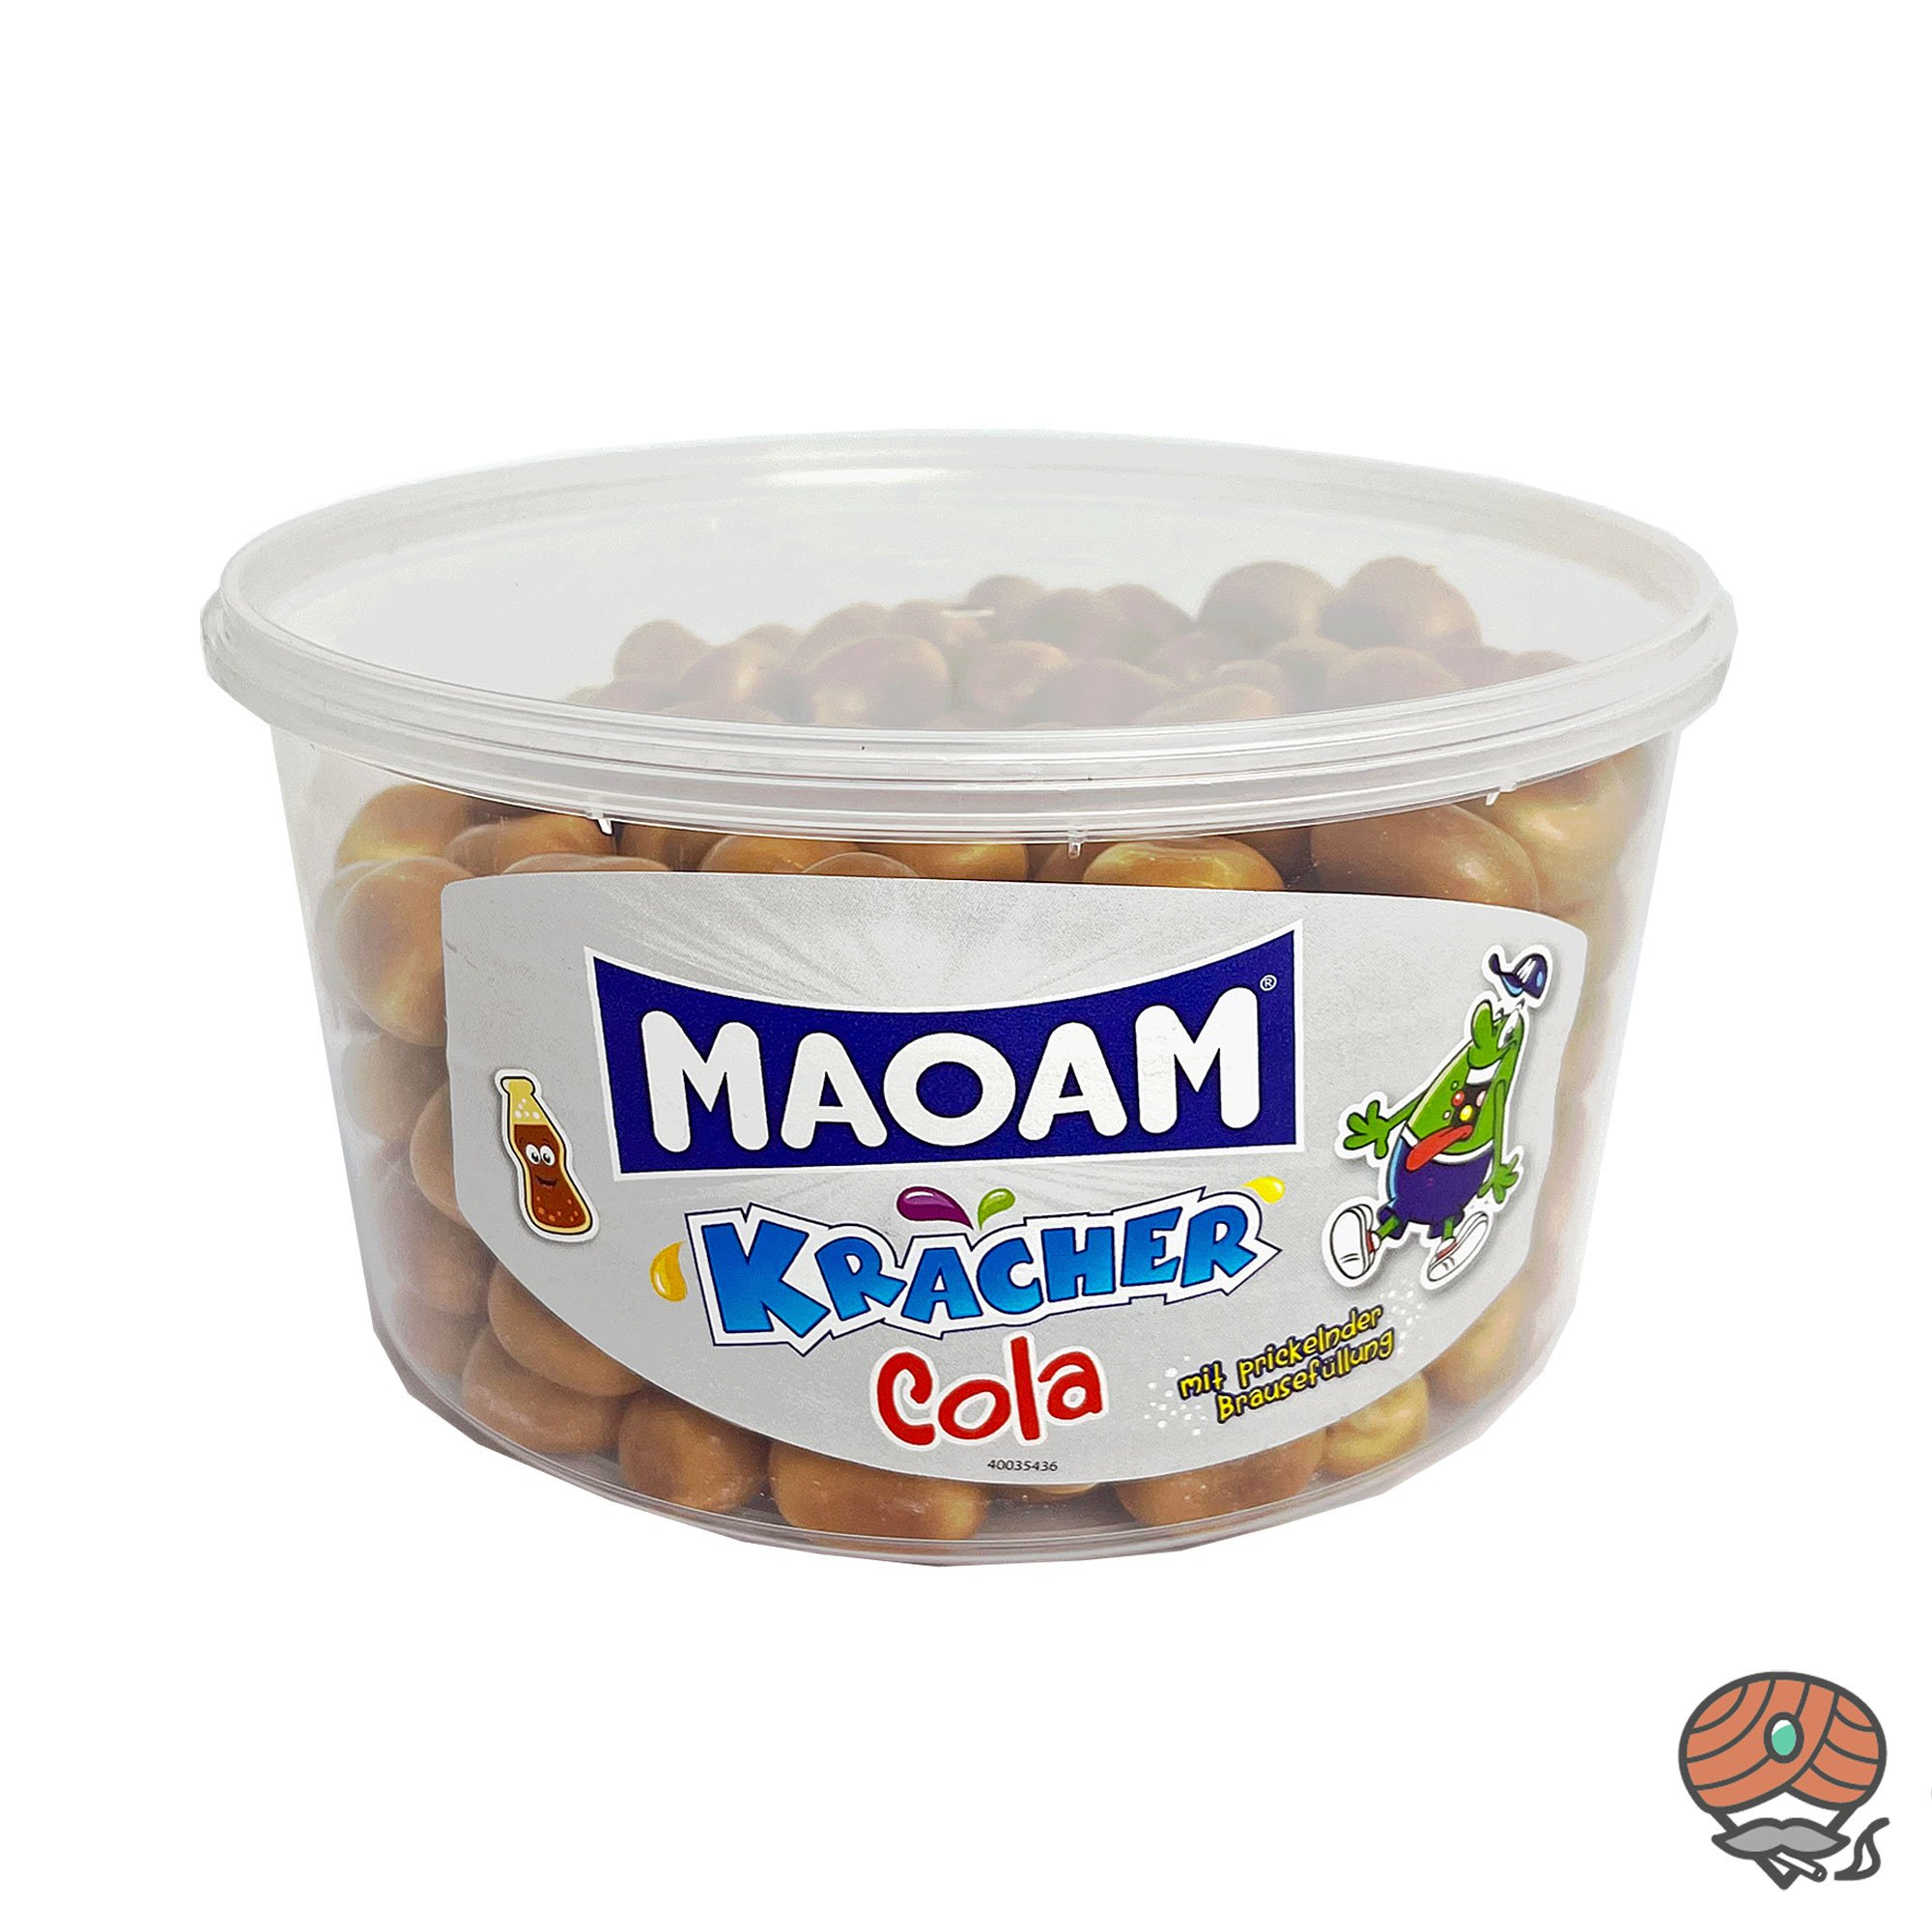 MAOAM Kracher-Cola Kaudragees mit prickelnder Brausefüllung